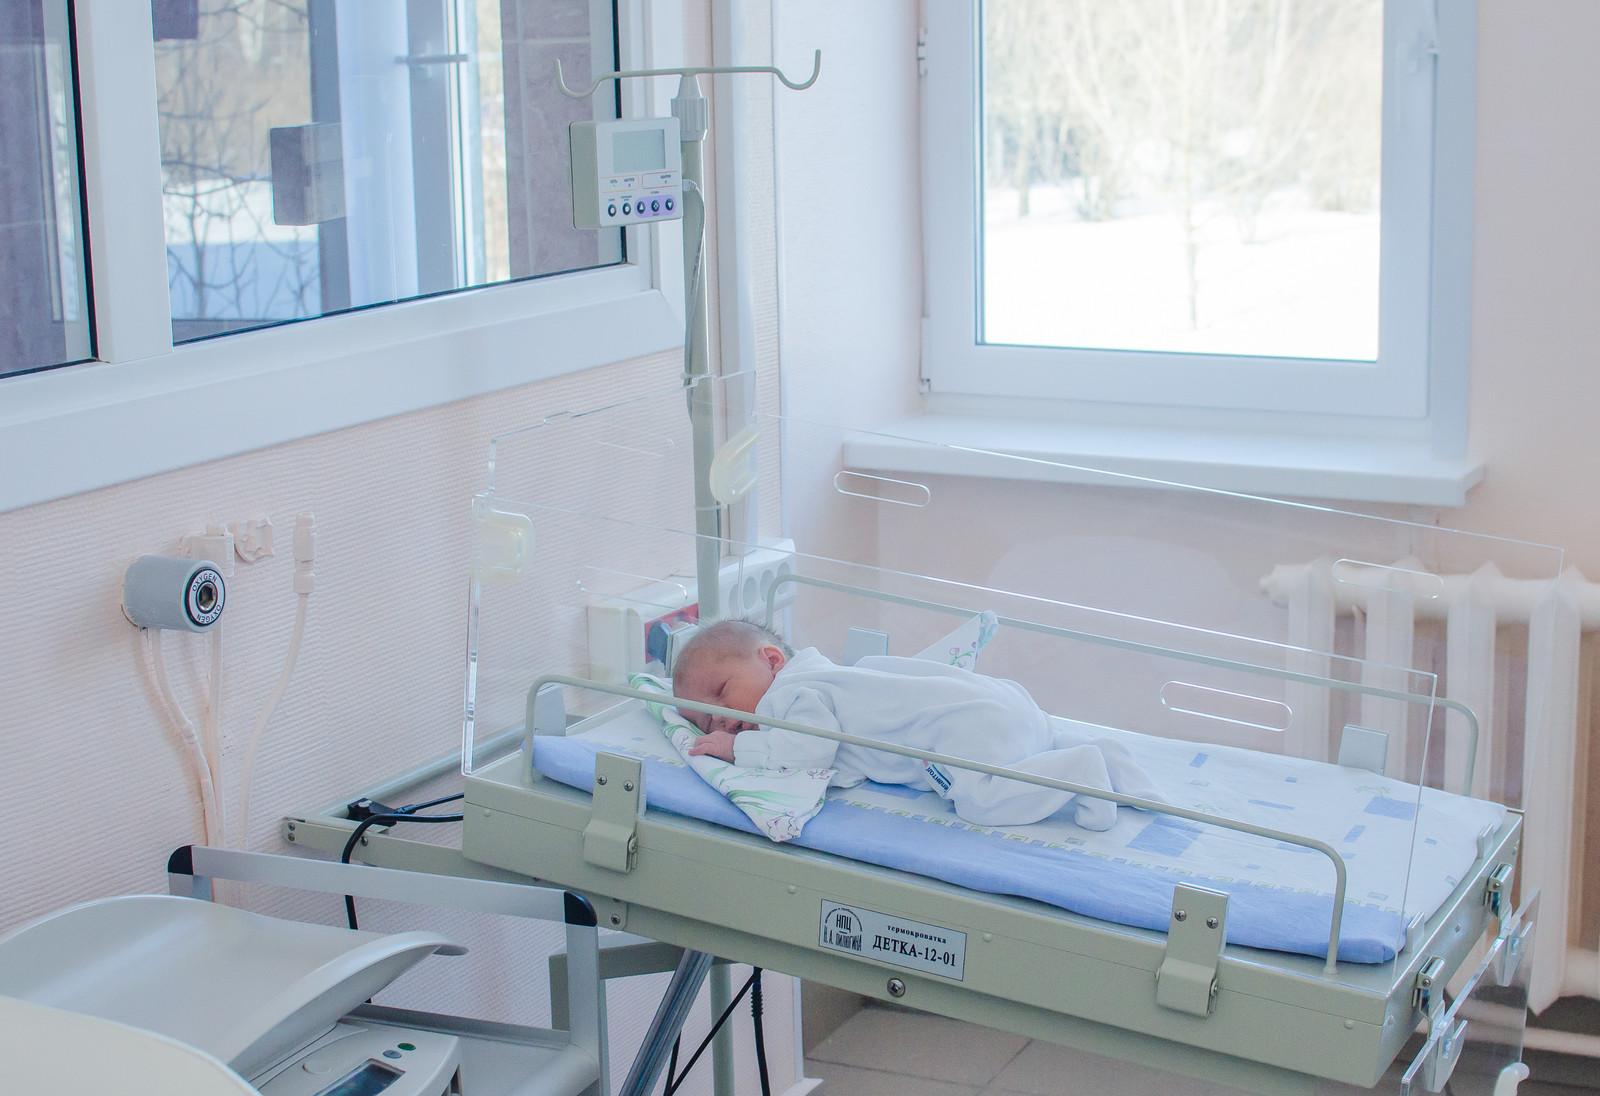 Будущие пациенты заблаговременно могут осмотреть родильные залы, палаты и познакомиться с персоналом роддома 4.